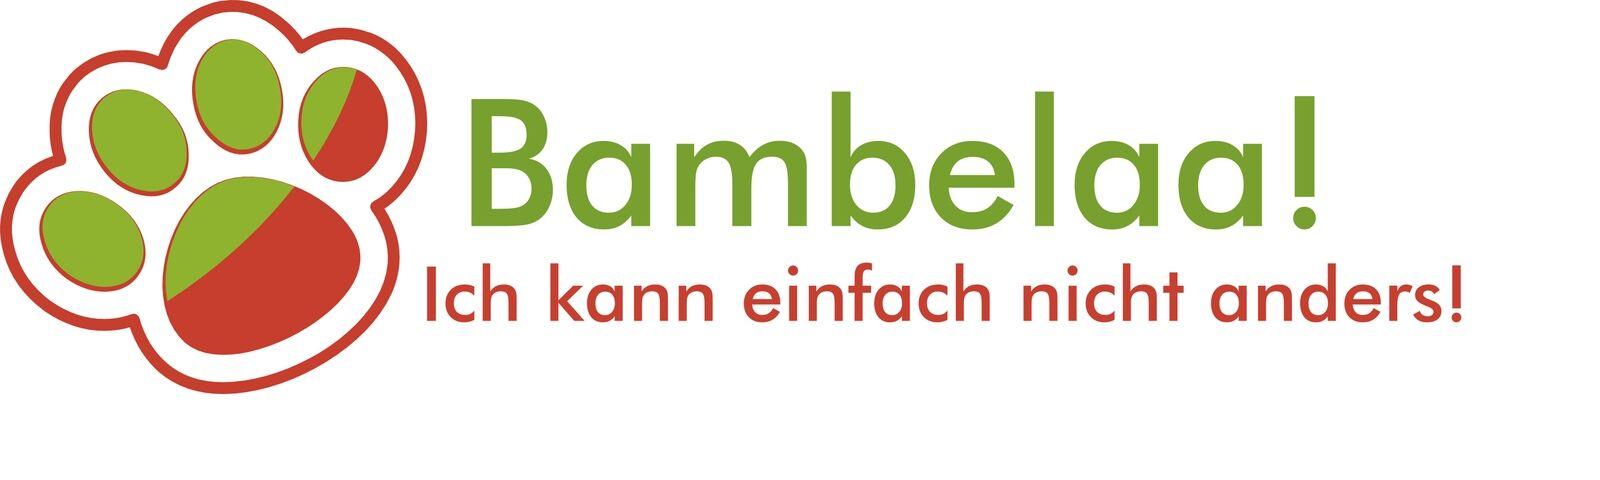 Bambelaa